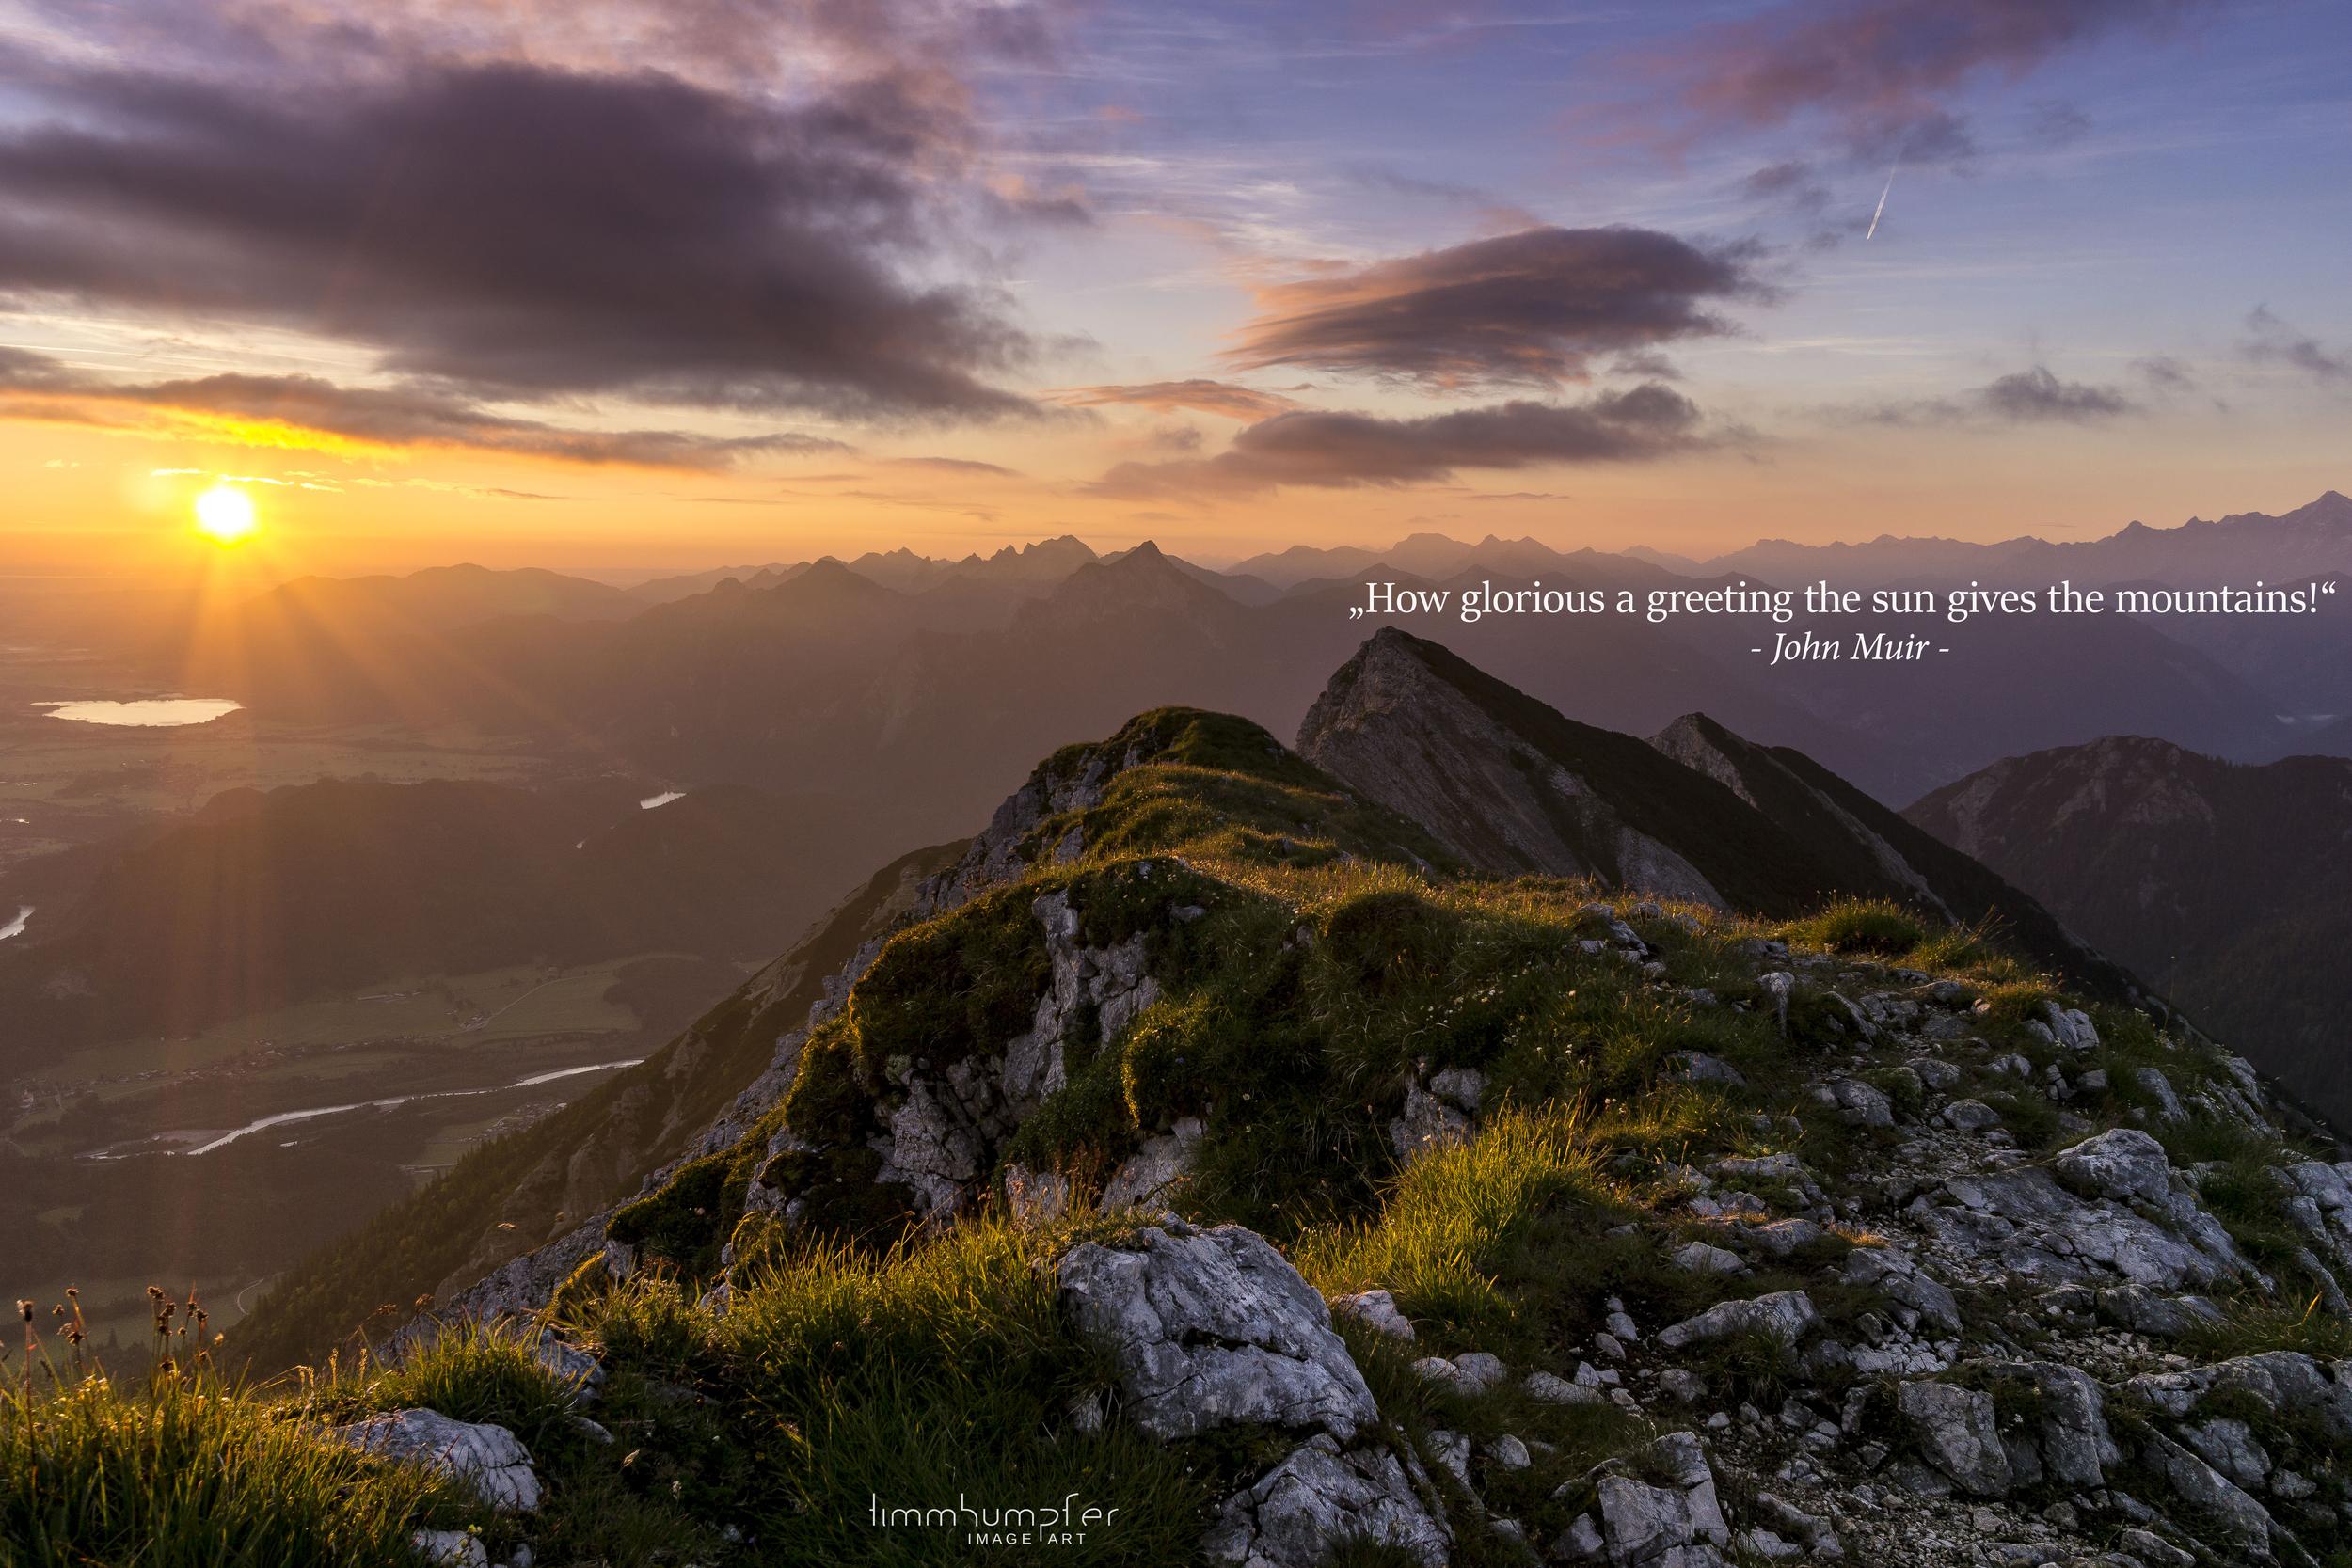 GroßeSchlicke_Sunrise